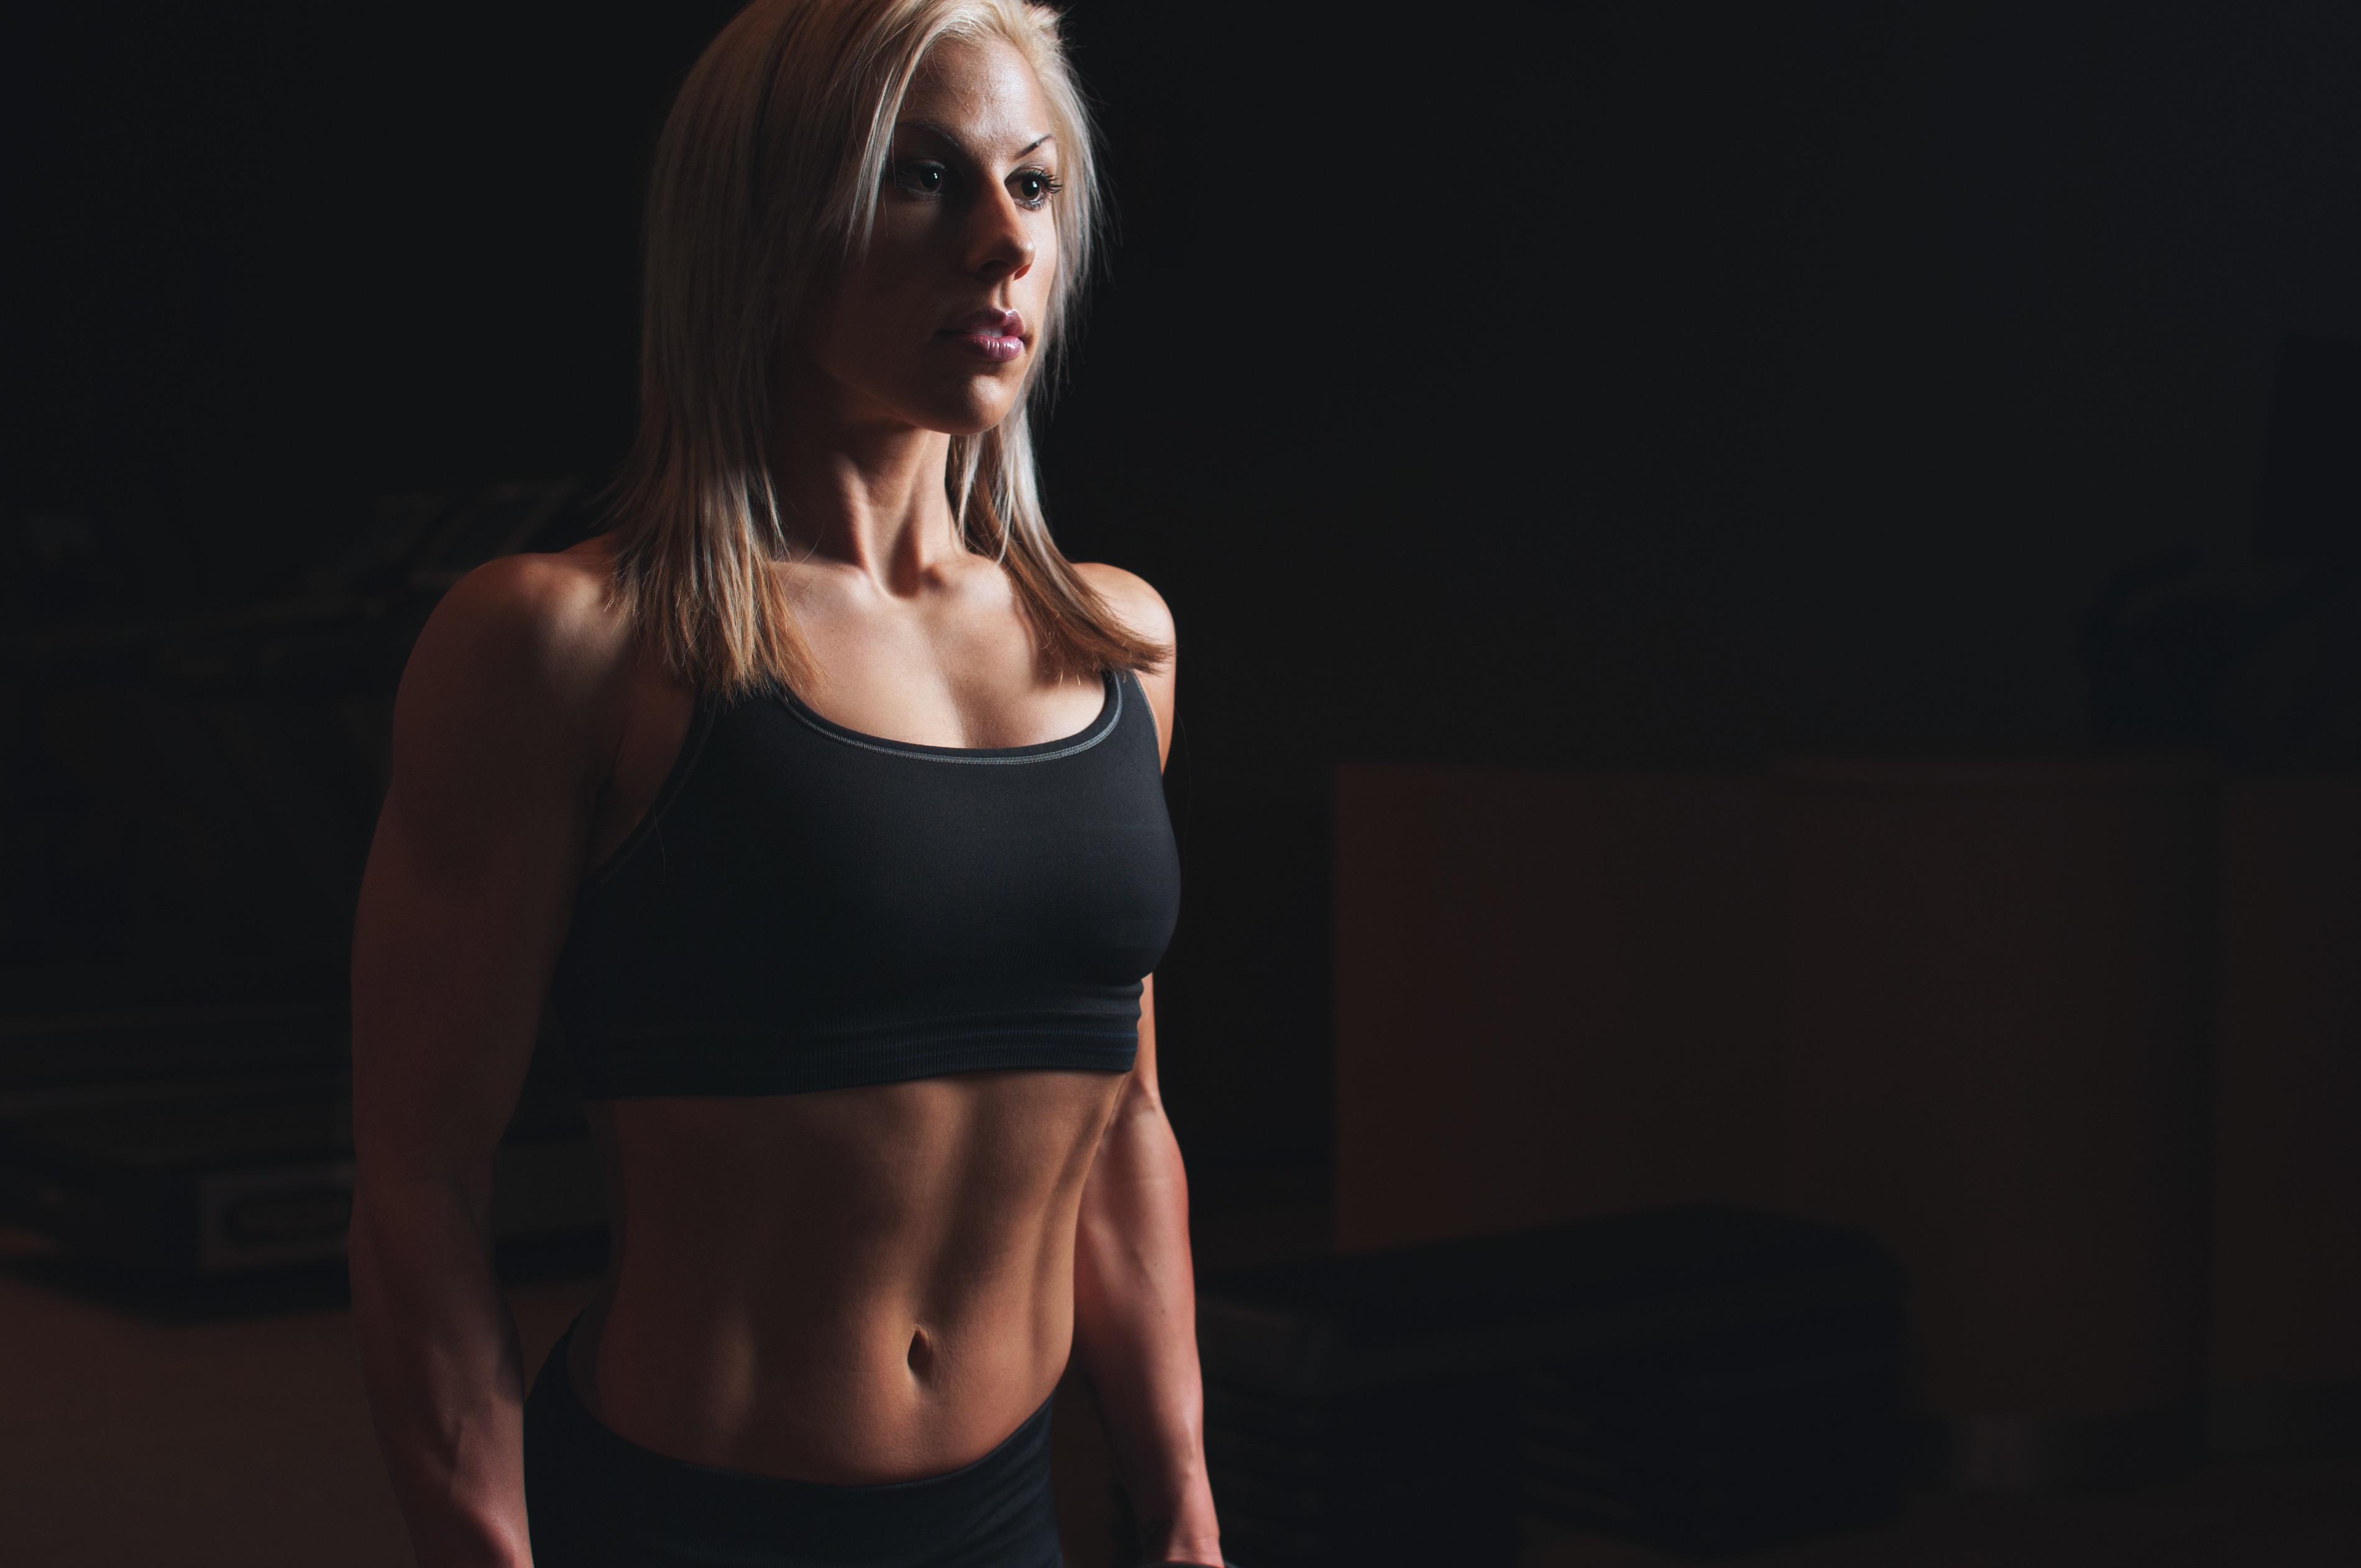 Fotos gratis : modelo, brazo, músculo, cuerpo humano, culturismo ...